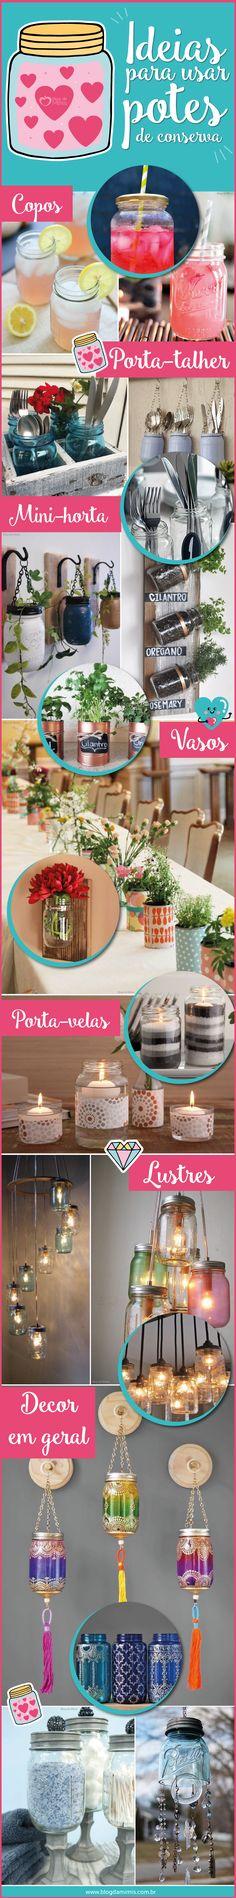 Usar potes de conserva na decoração está em alta, sem falar que é uma ideia sustentável! Os potes que antes eram reutilizados sem muita criatividade ou acabavam indo direto para o lixo, hoje viram desde copo de suco a lustres…